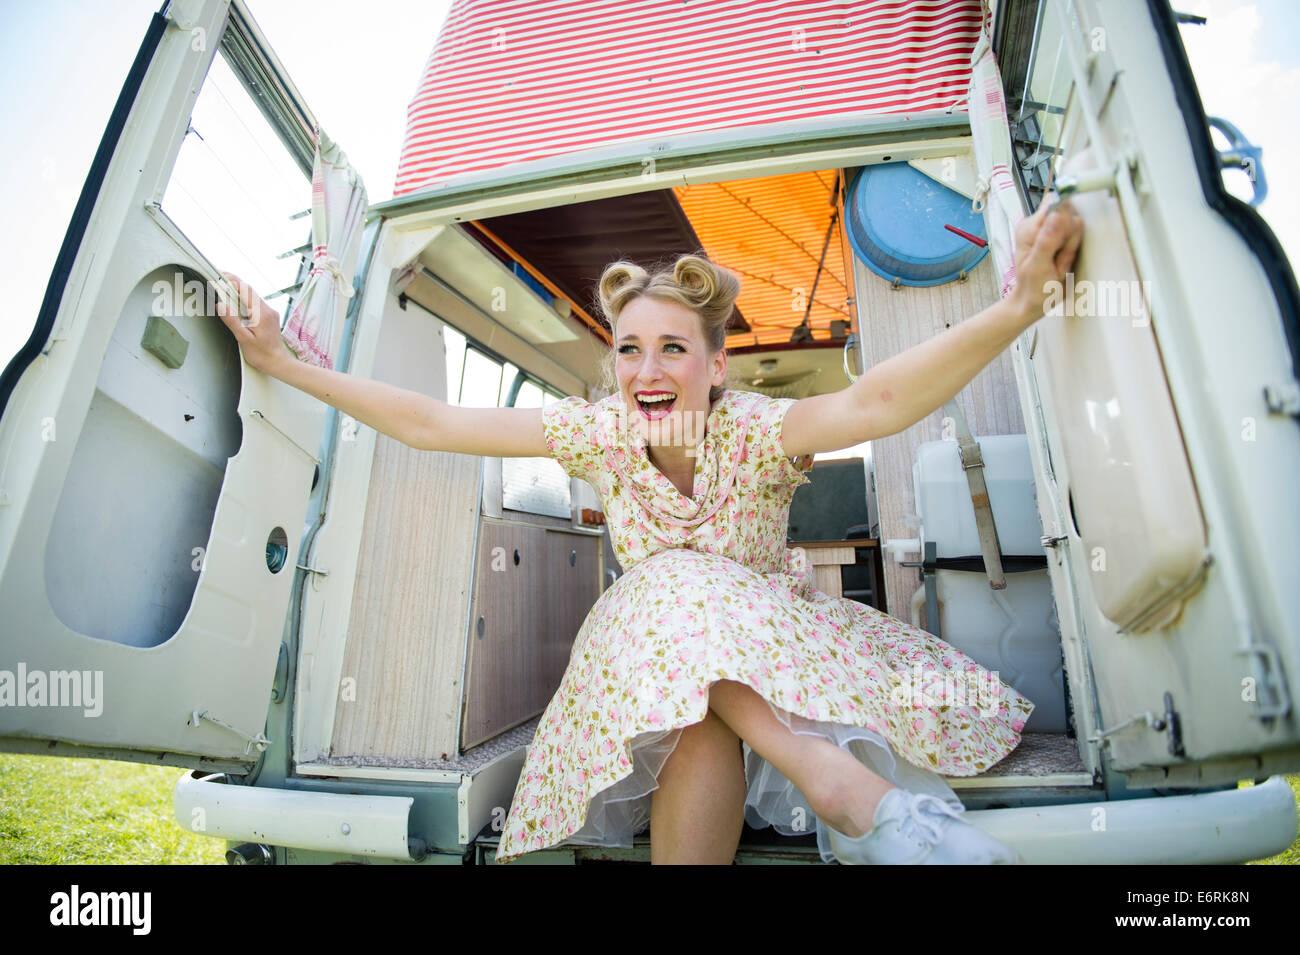 Une femme vêtue de retro 50's American style robe robe d'été femme au foyer assis posant Photo Stock